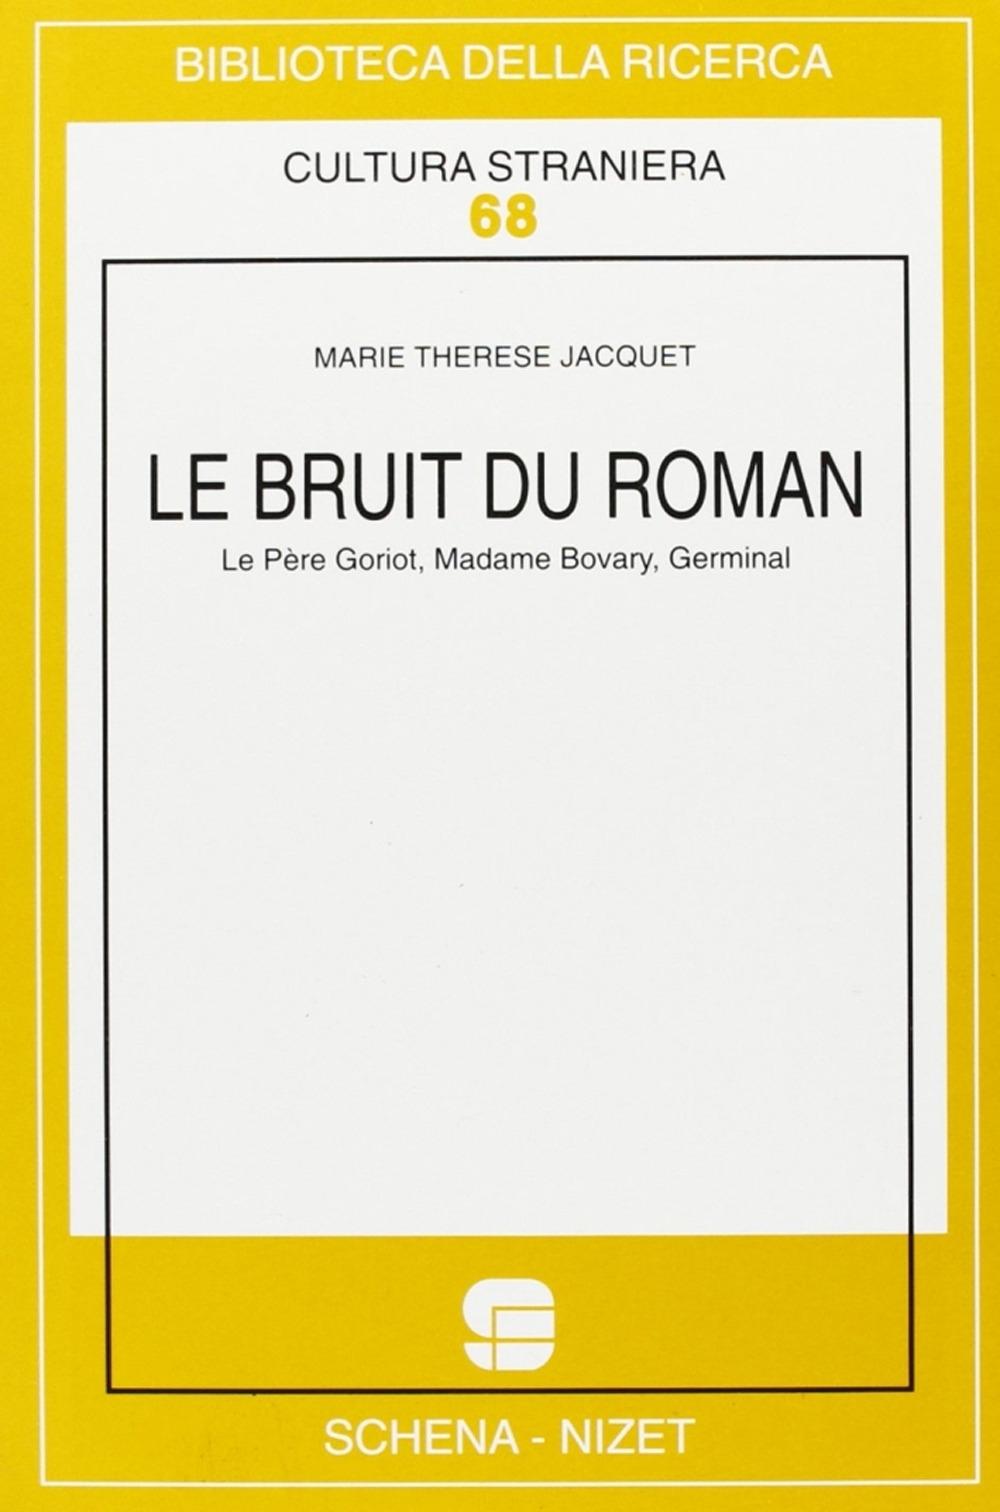 Le bruit du roman. Le père Goriot, Madame Bovary, Germinal